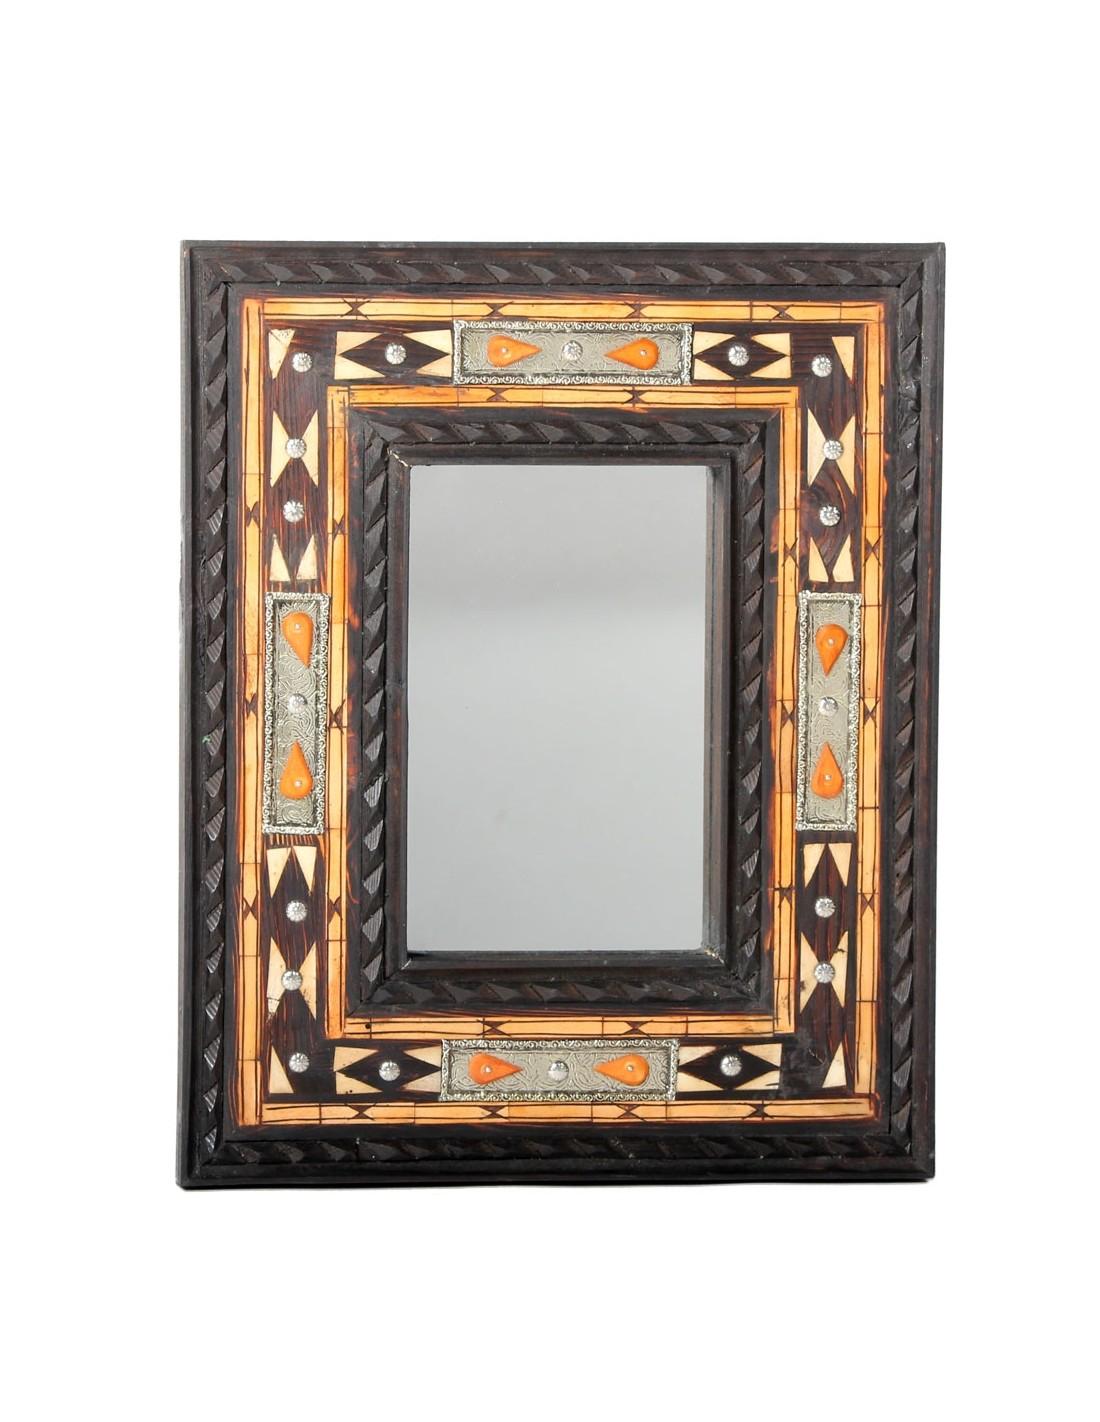 Spiegel aus Zedernholz Dera 48x39cm - Marokko Galerie